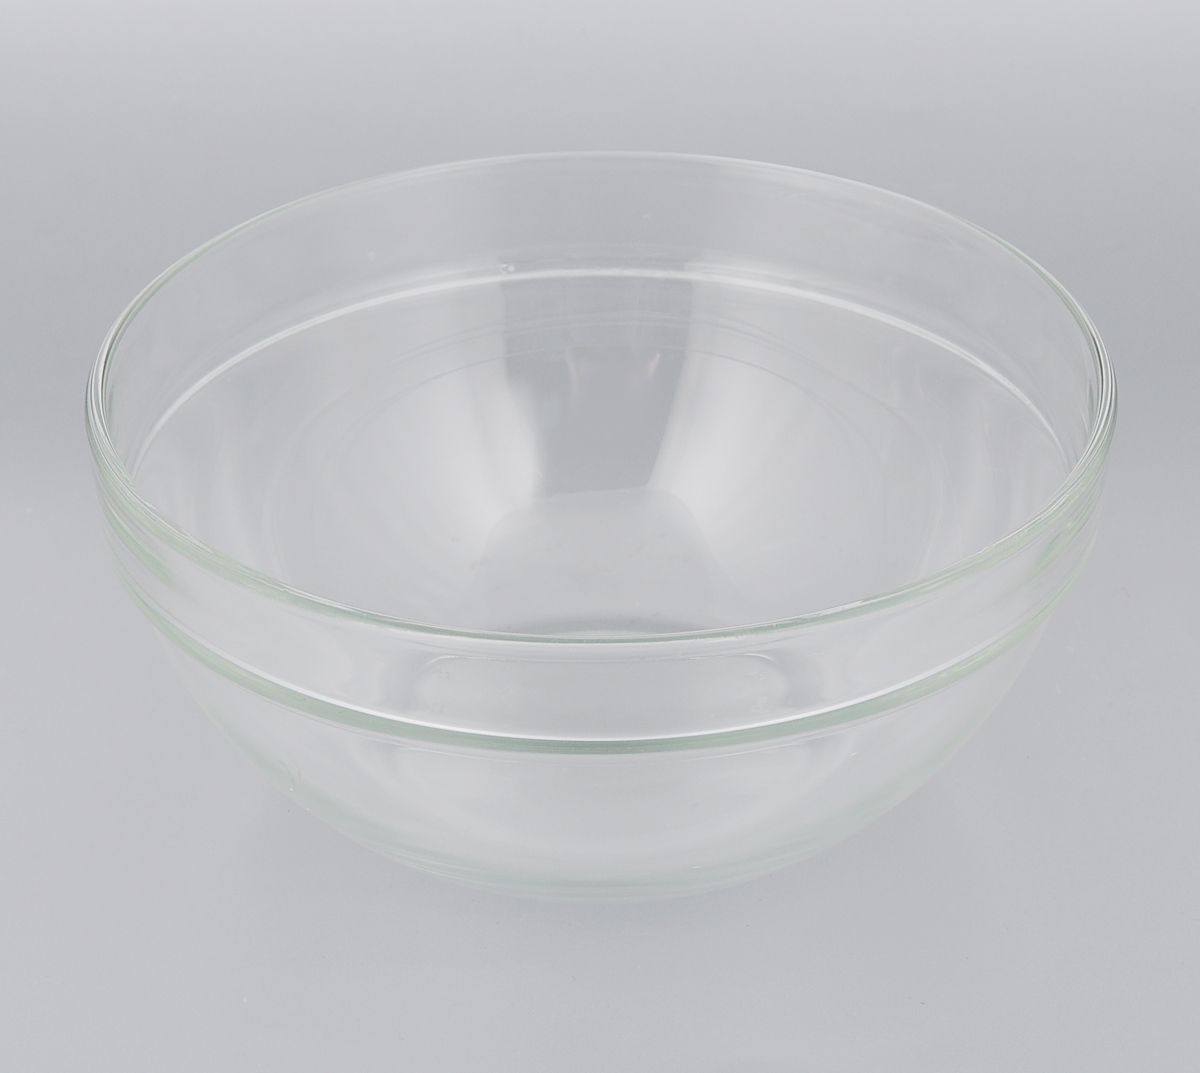 Салатник Luminarc Эмпилабль, диаметр 20 см. 73112 luminarc салатник luminarc orbea 18 см